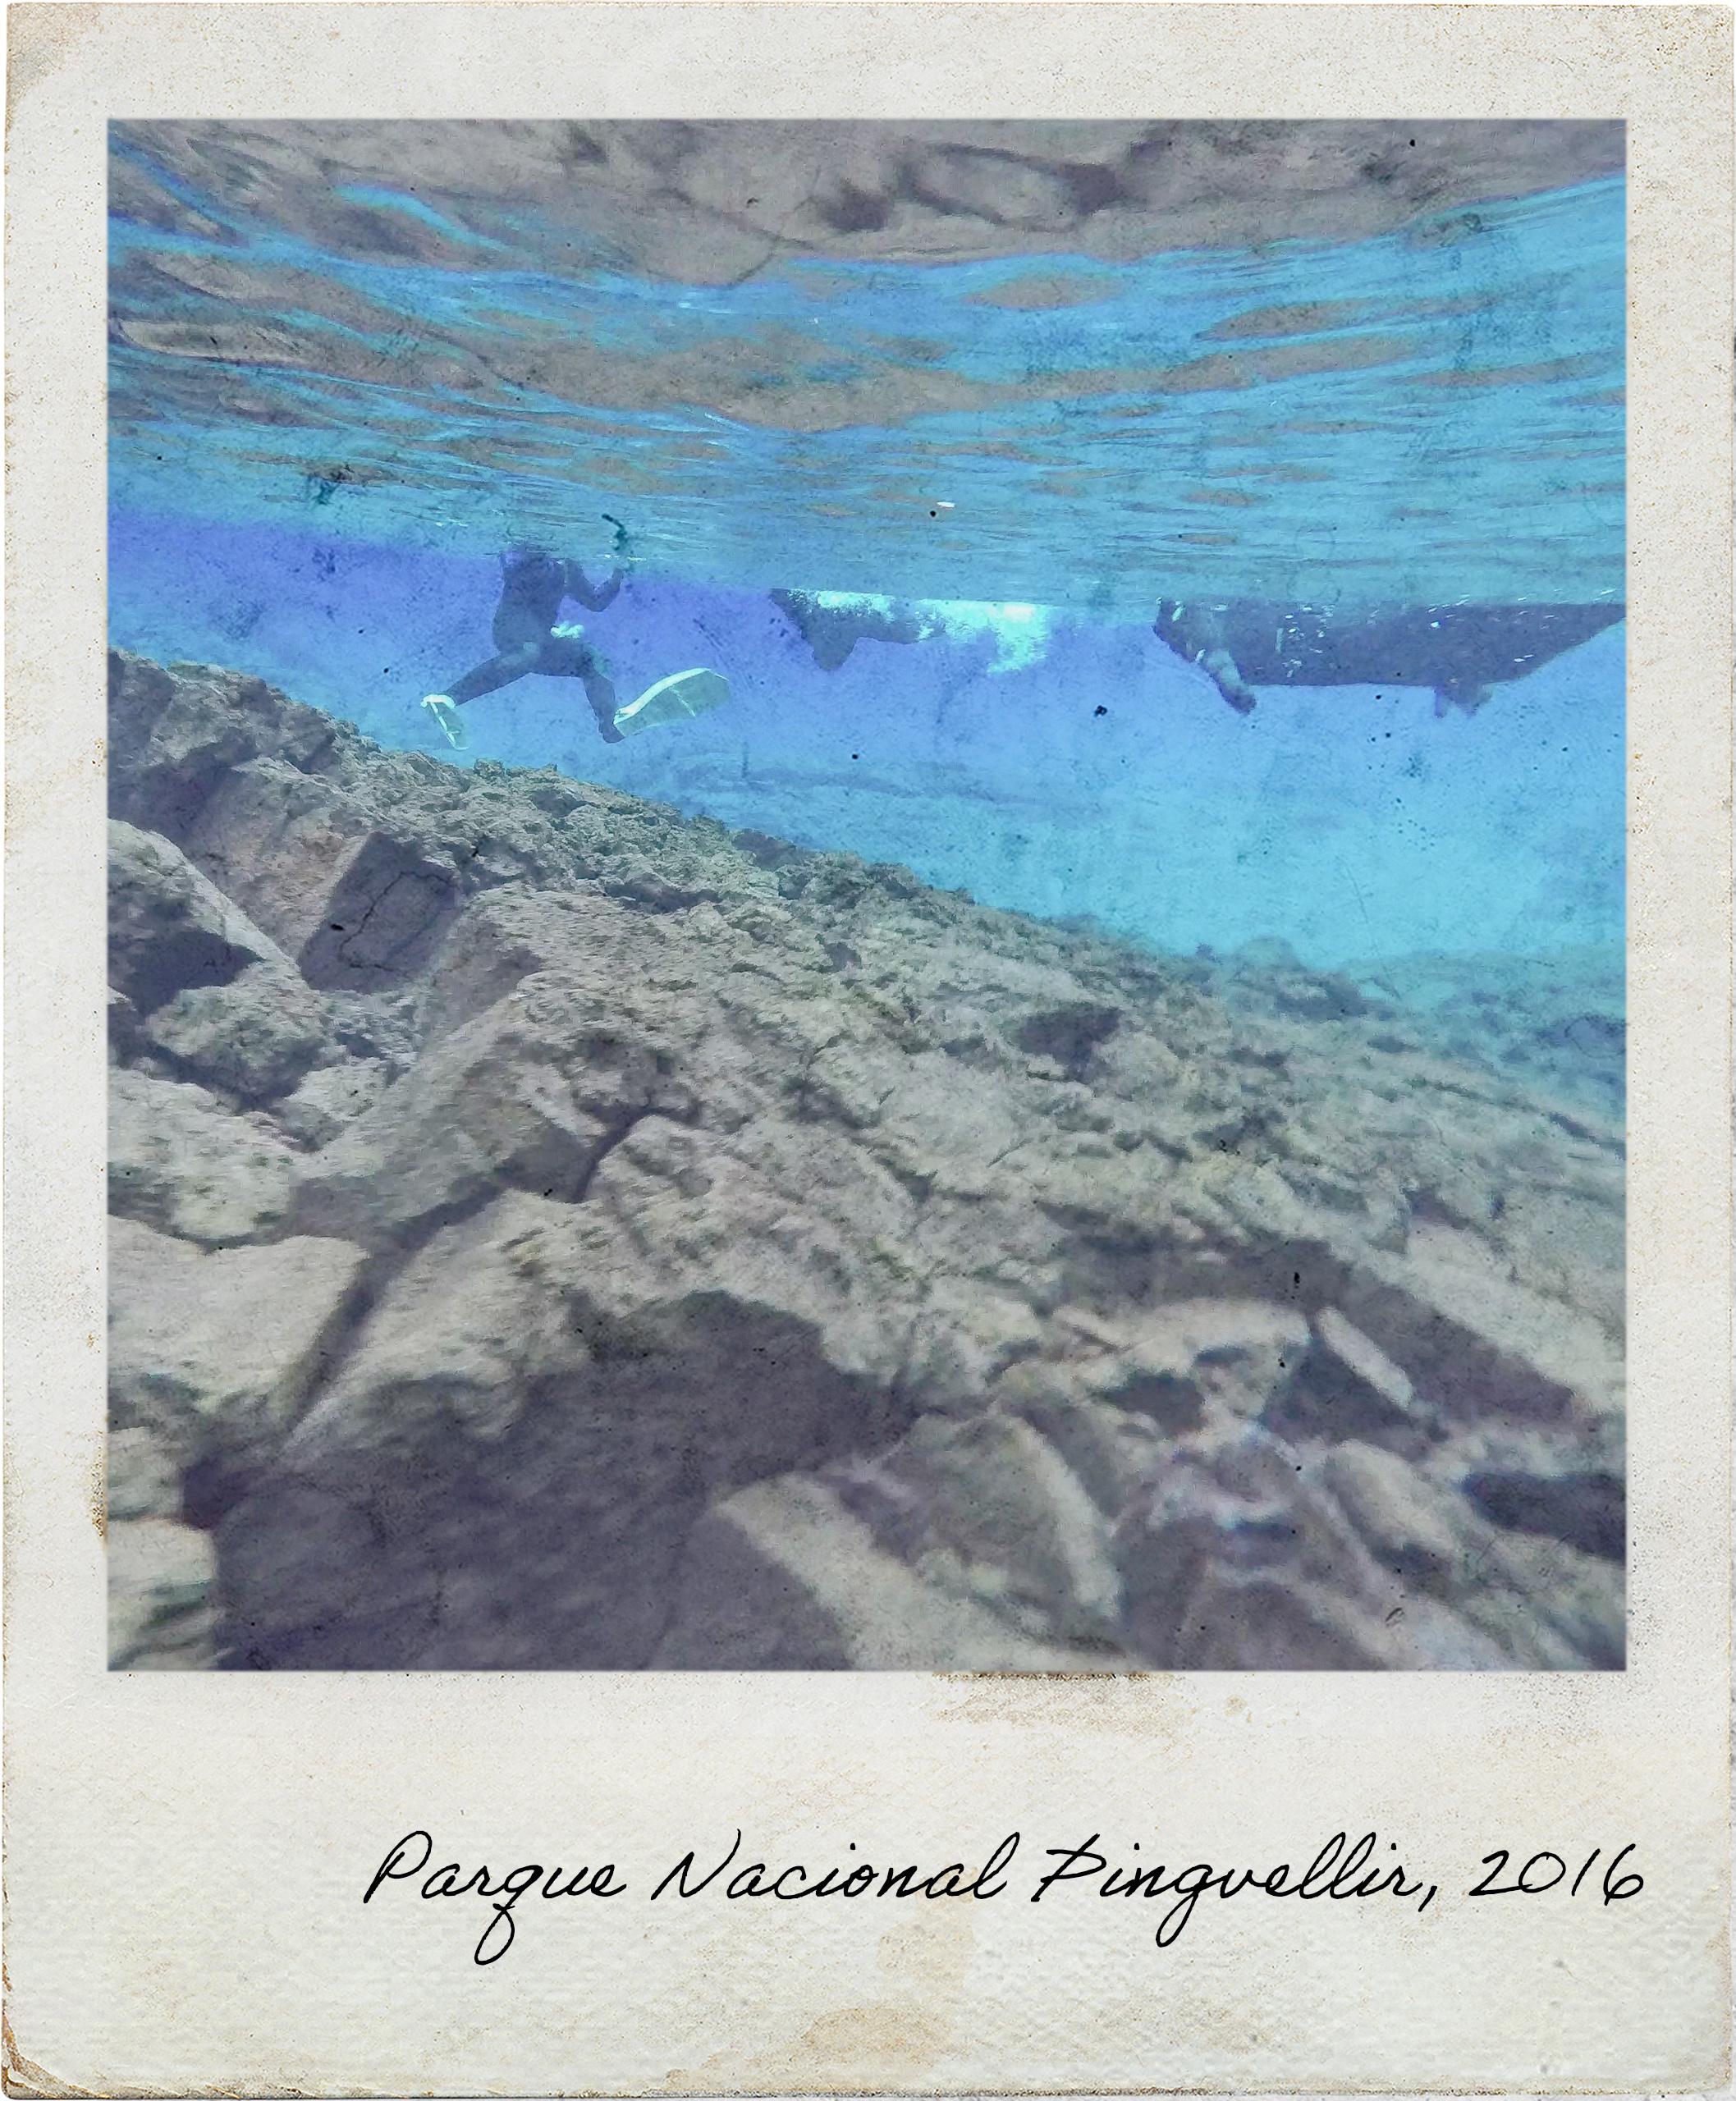 Visibilidade subaquática incrível em Silfra